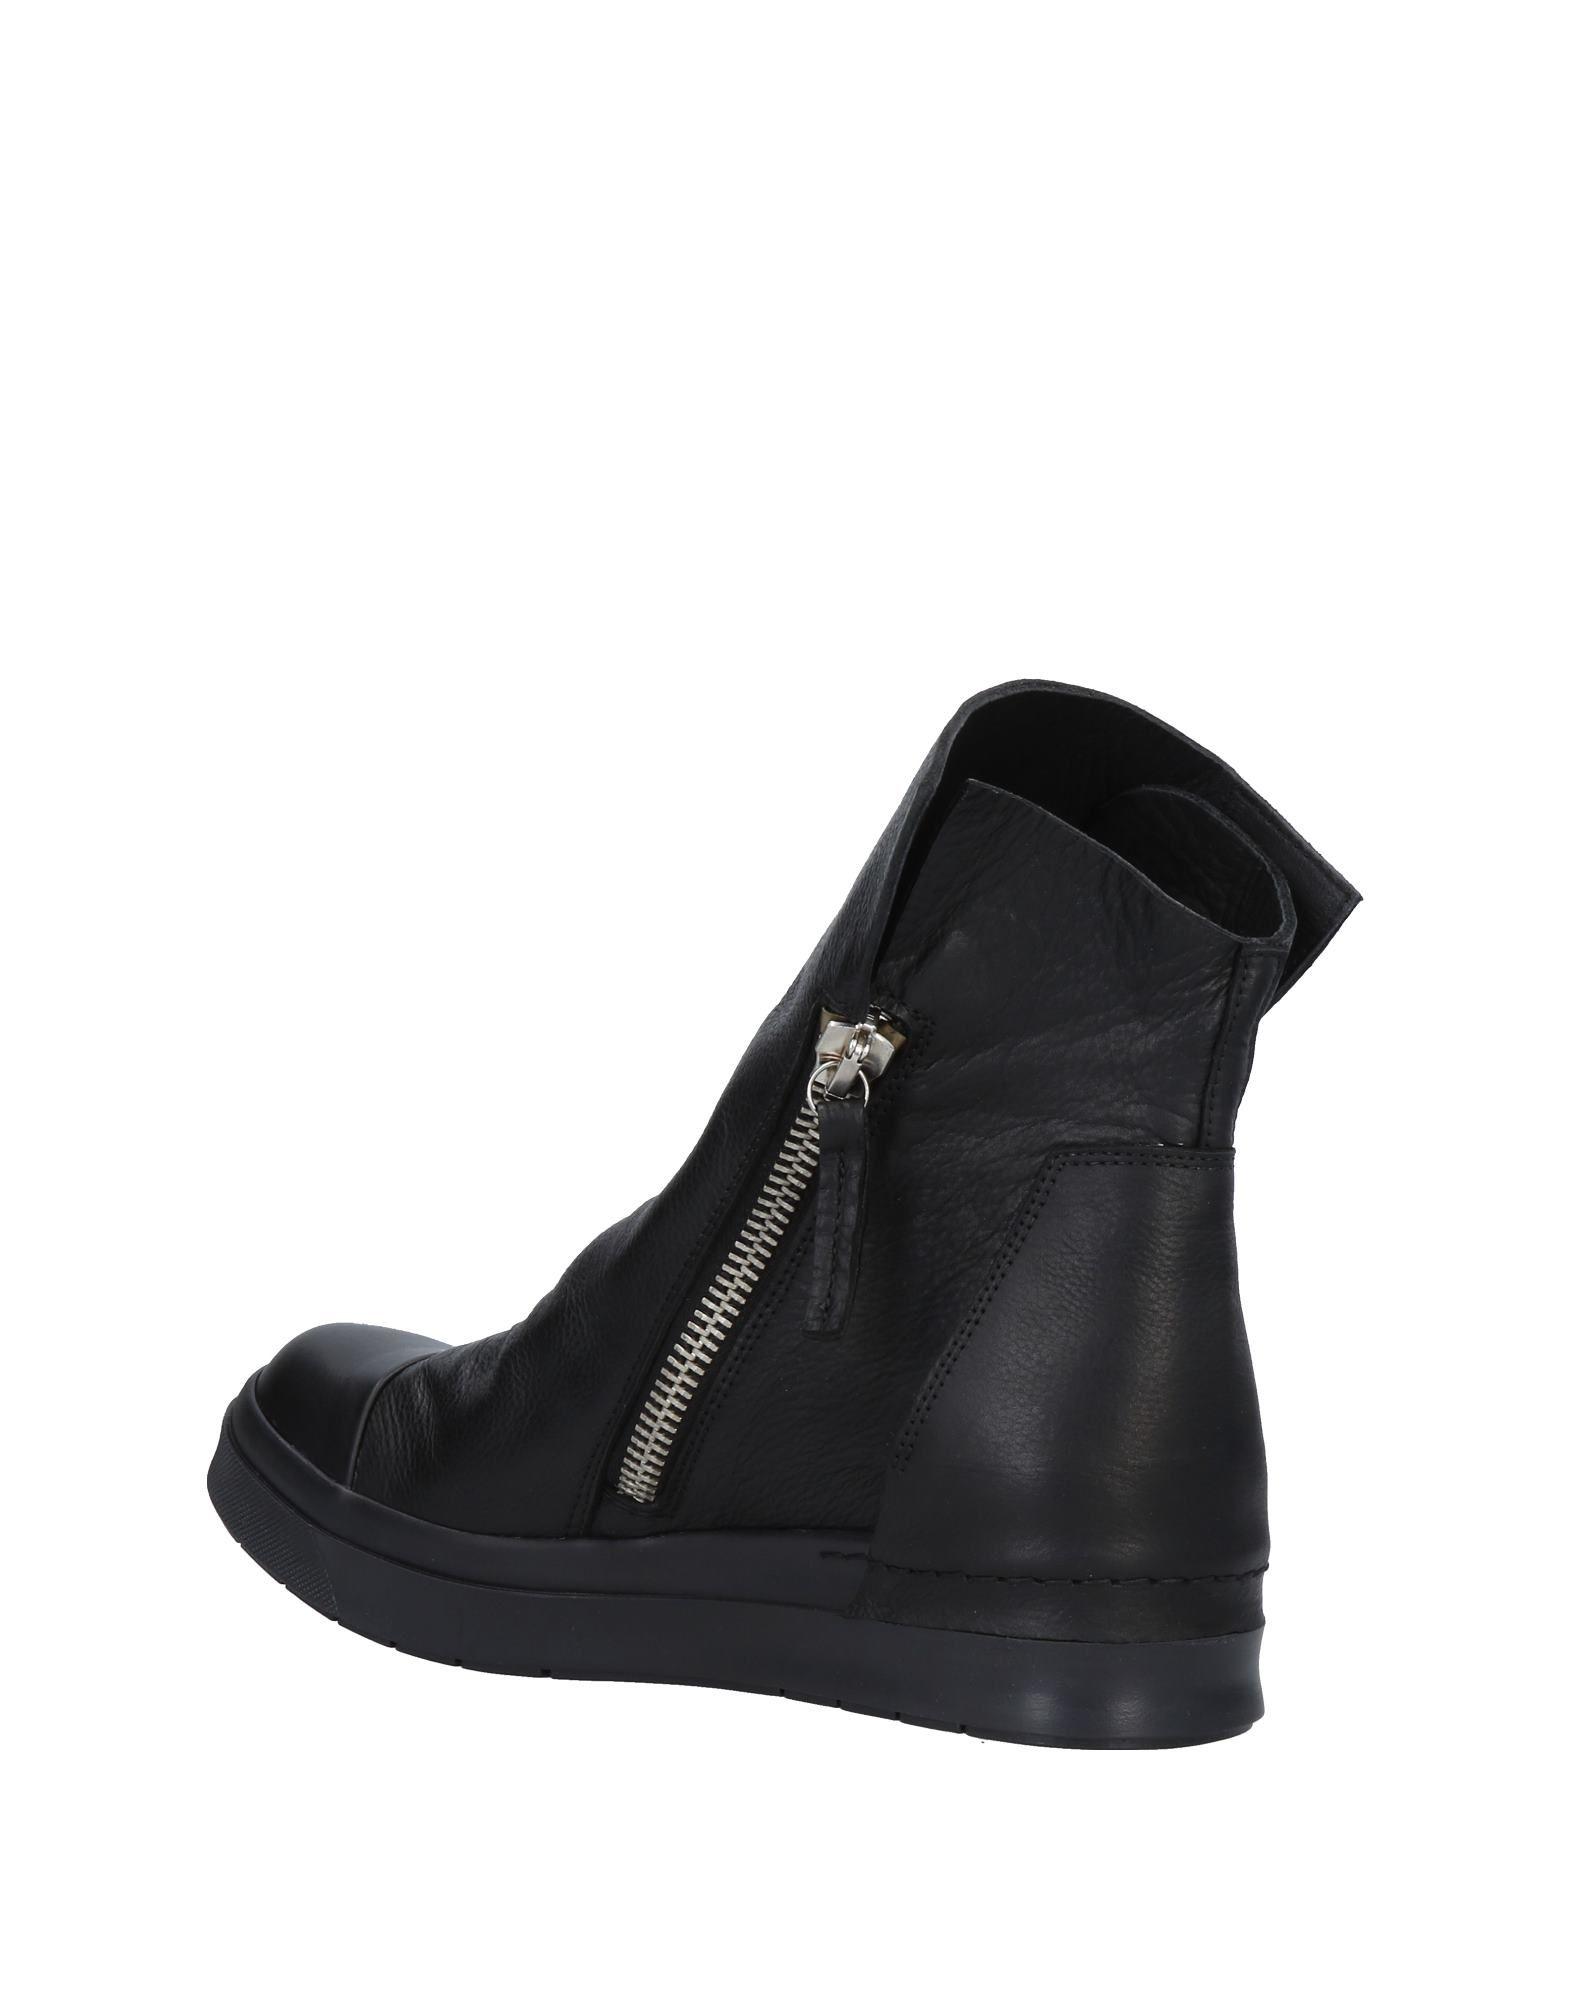 Cinzia Araia Sneakers Herren  11495072ON 11495072ON  8351cf